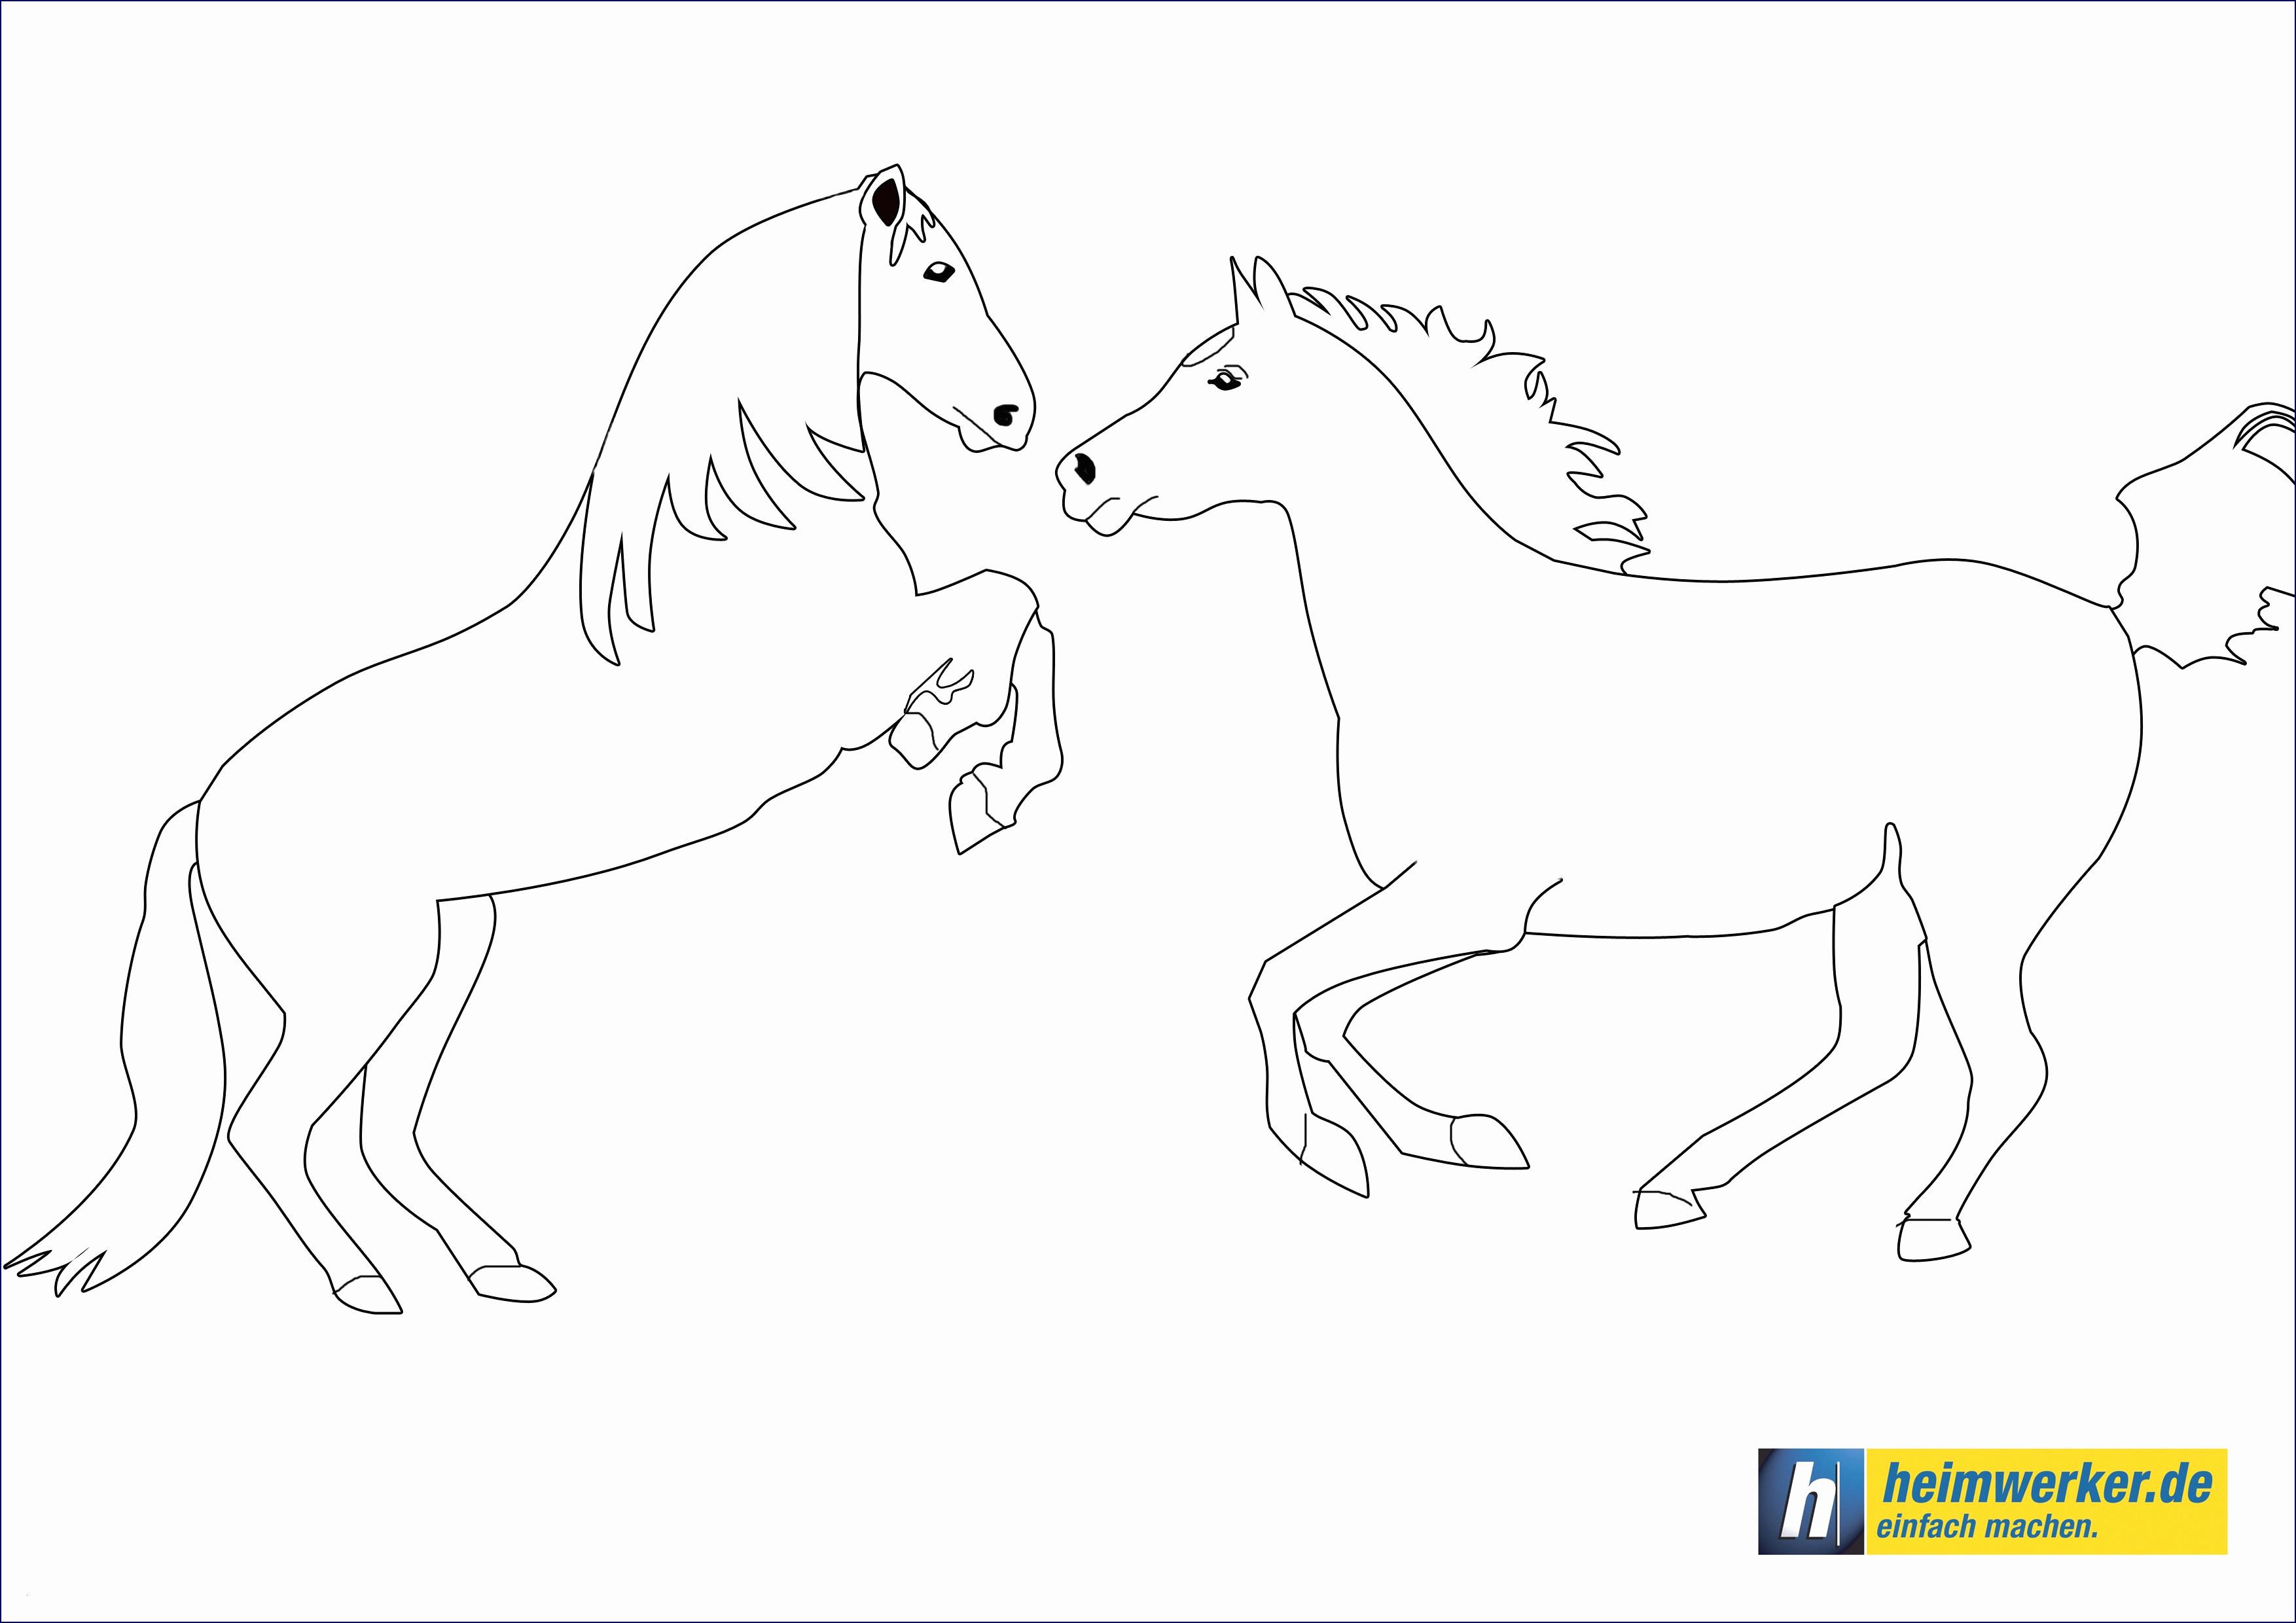 Arlo Und Spot Ausmalbilder Neu 33 Luxus Galerie Von Ausmalbilder Pferde Zum Ausdrucken Best Fotos